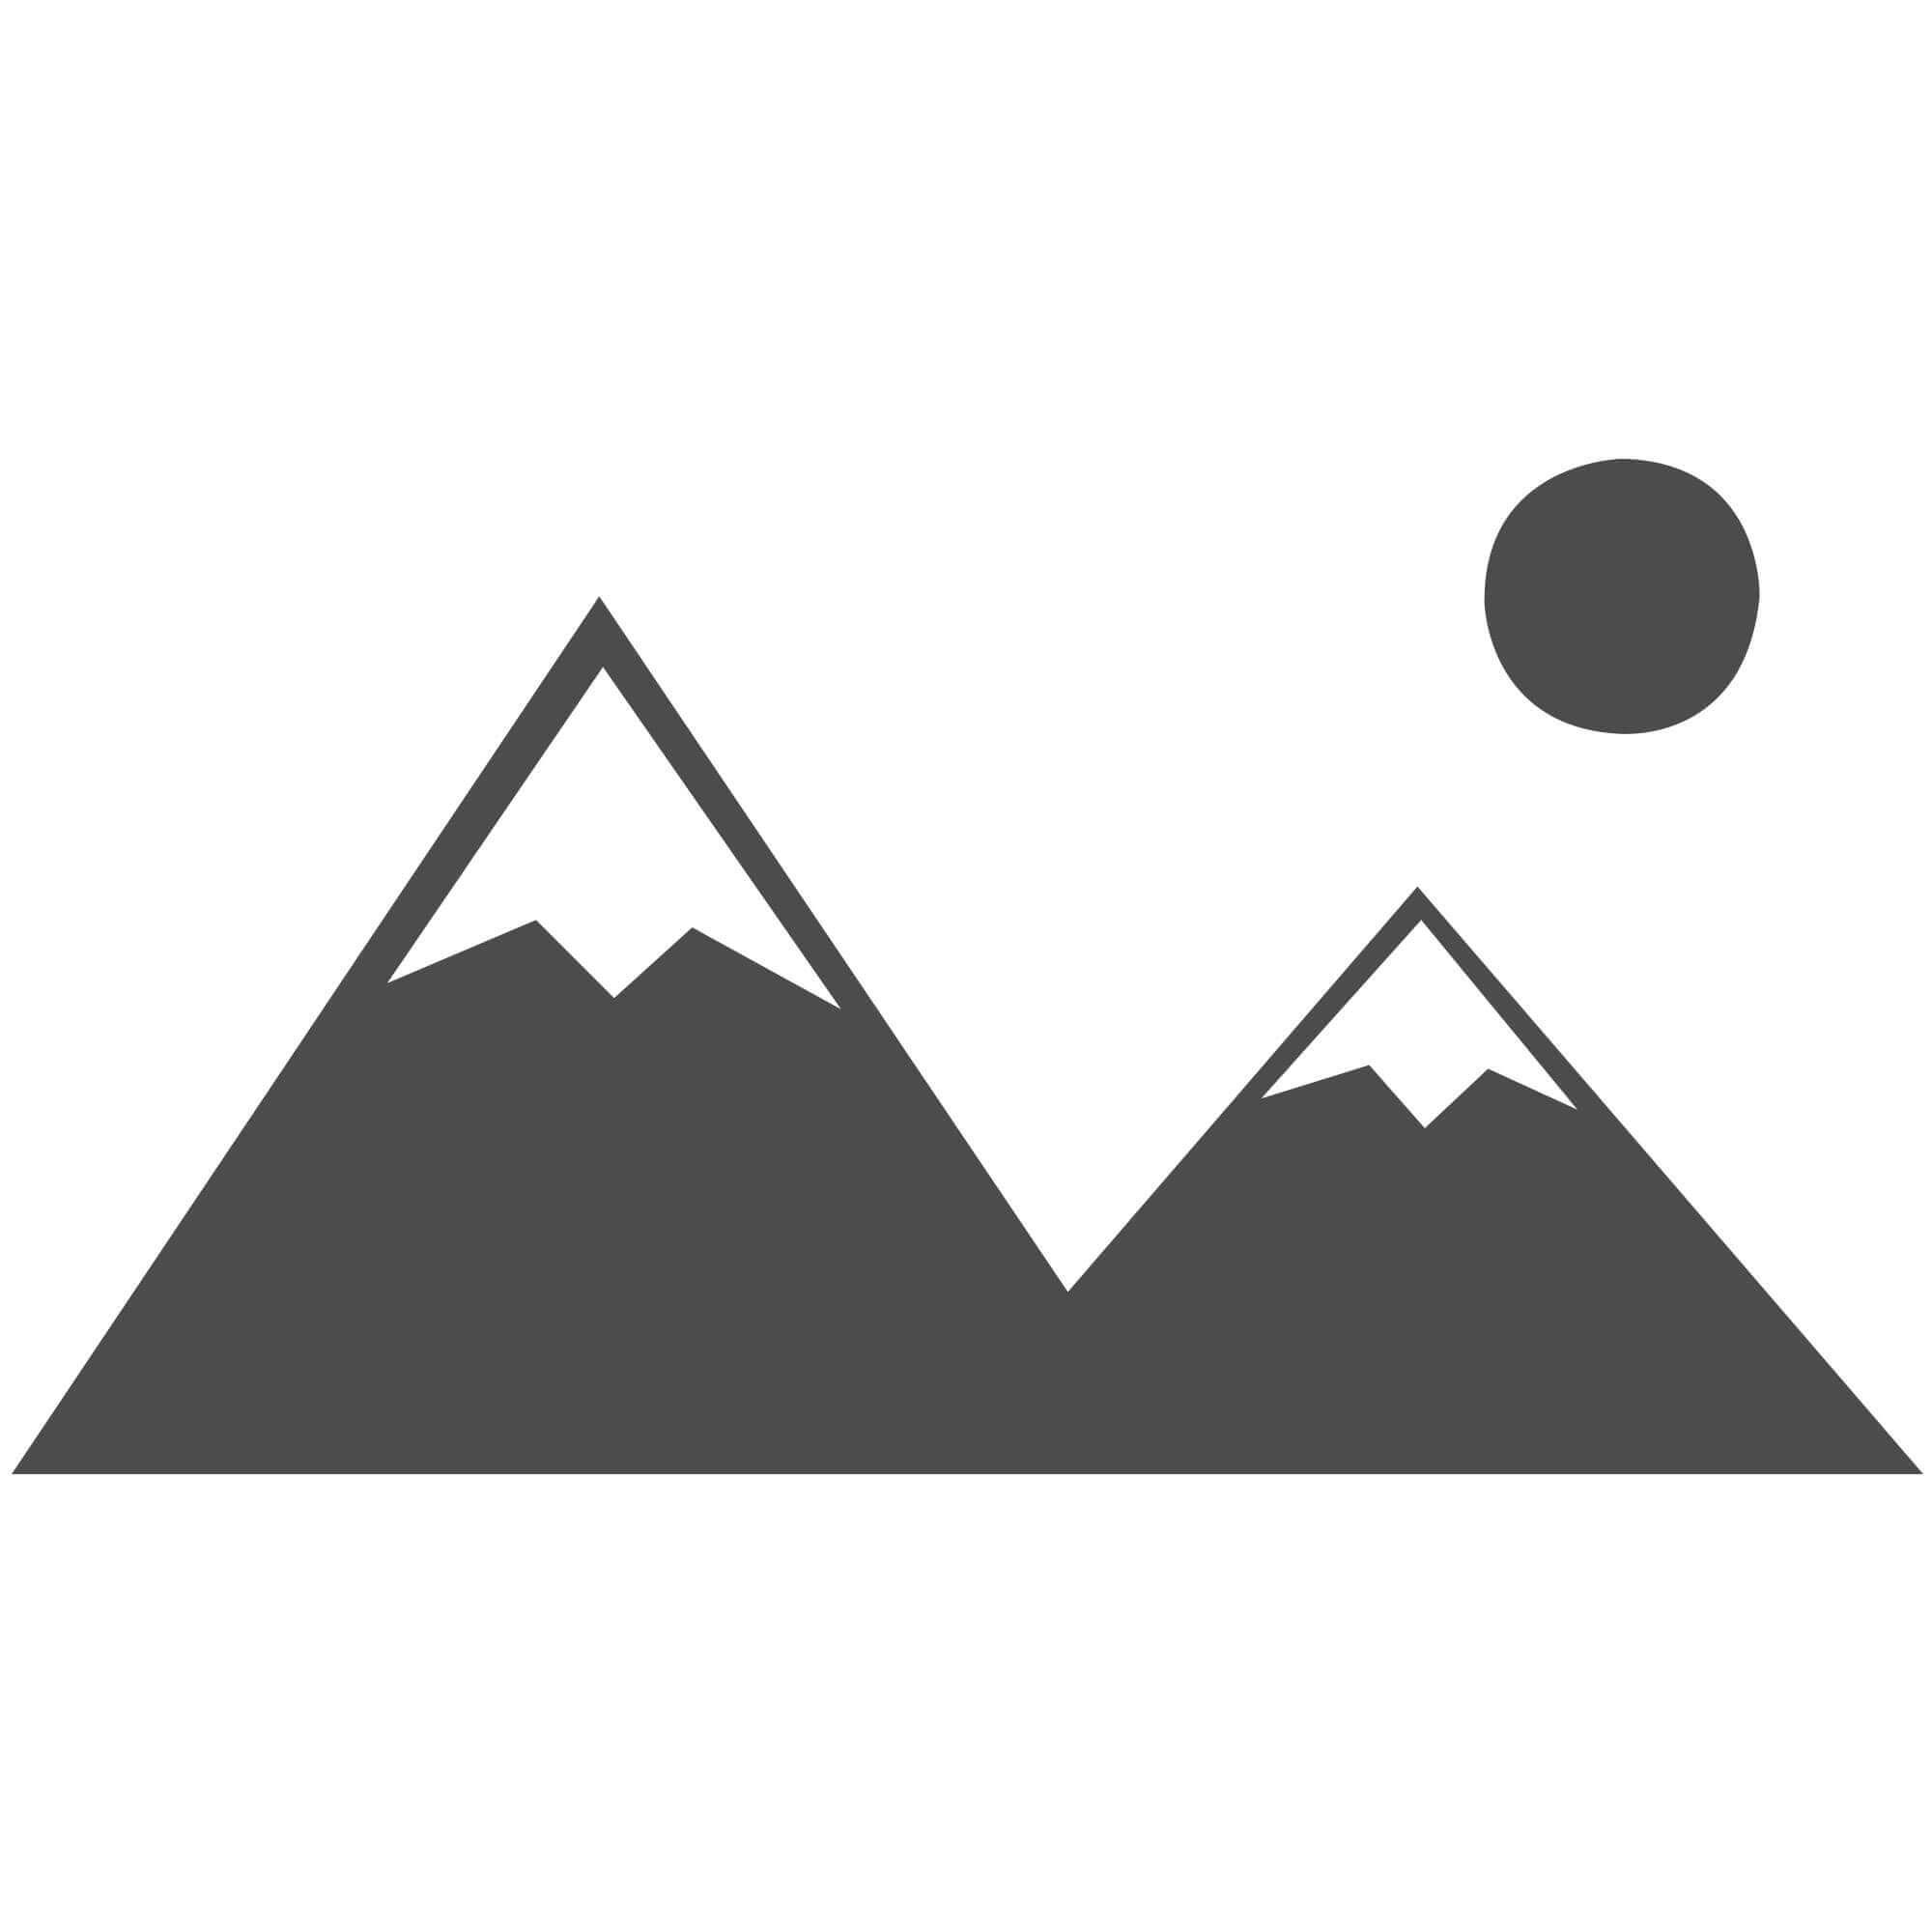 Velvet Shaggy Rug - Mauve - Size Runner 60 x 230 cm